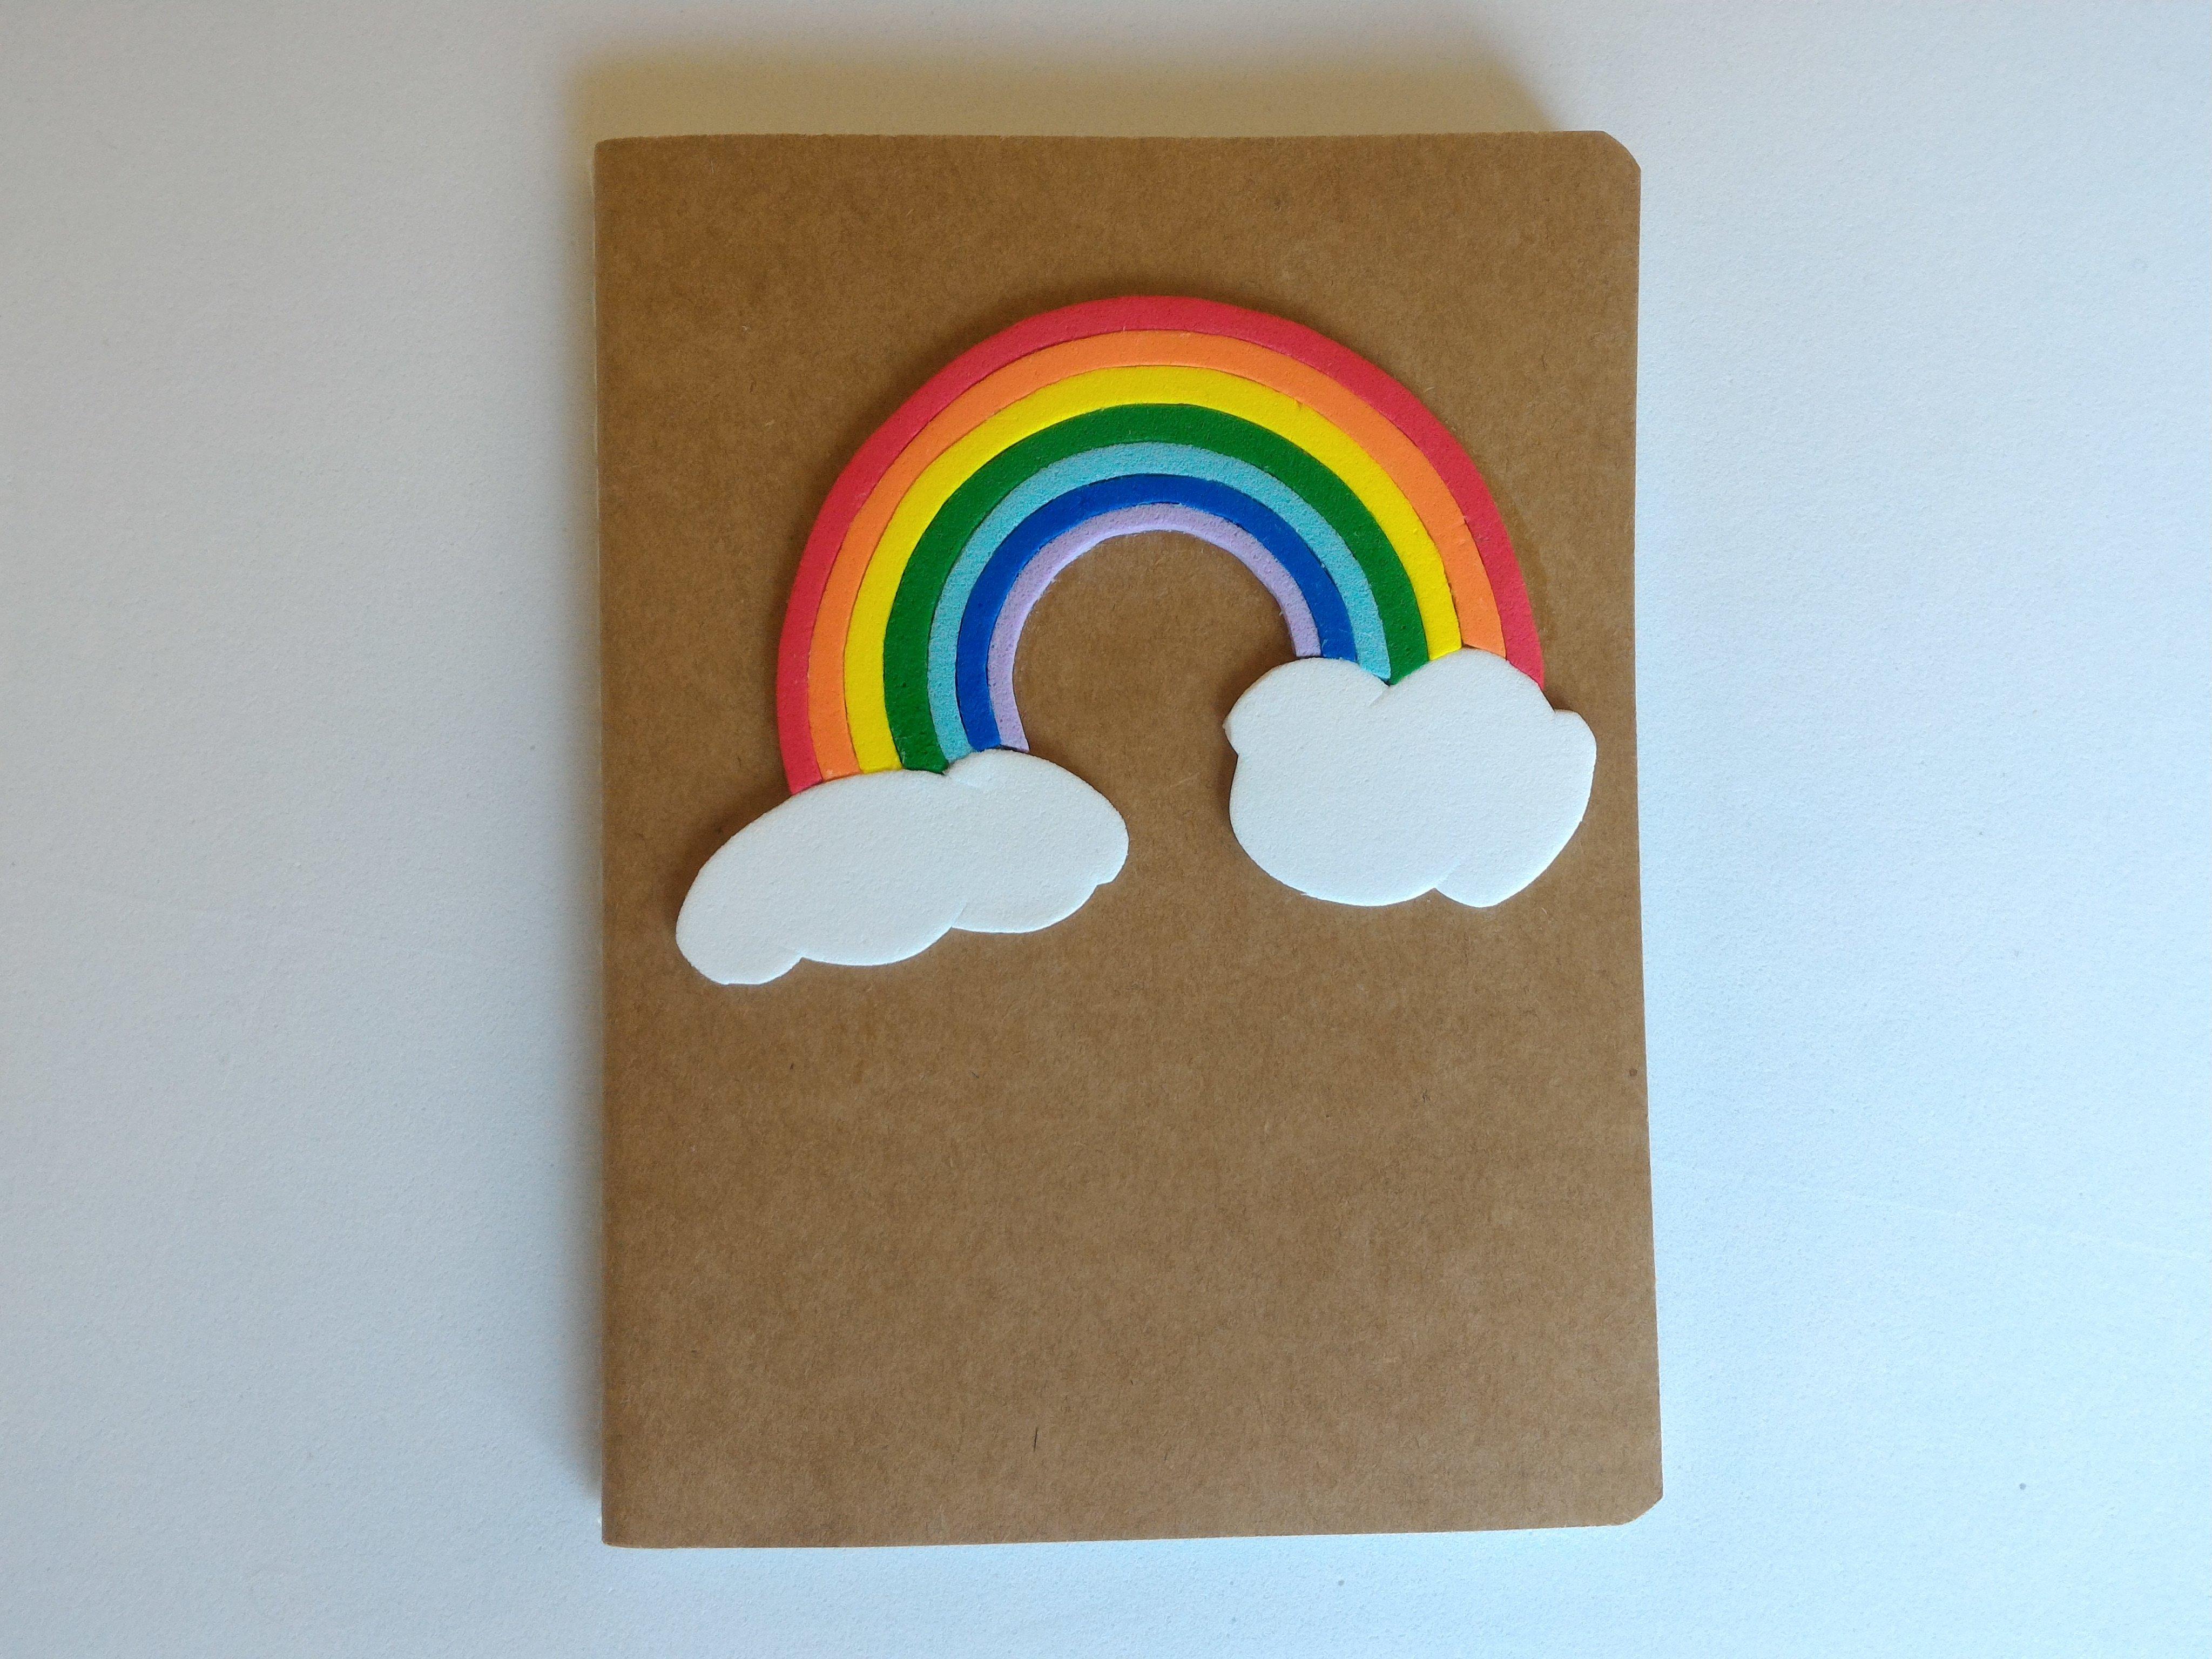 14 oam ouiareclafc rainbow chagaz et vous